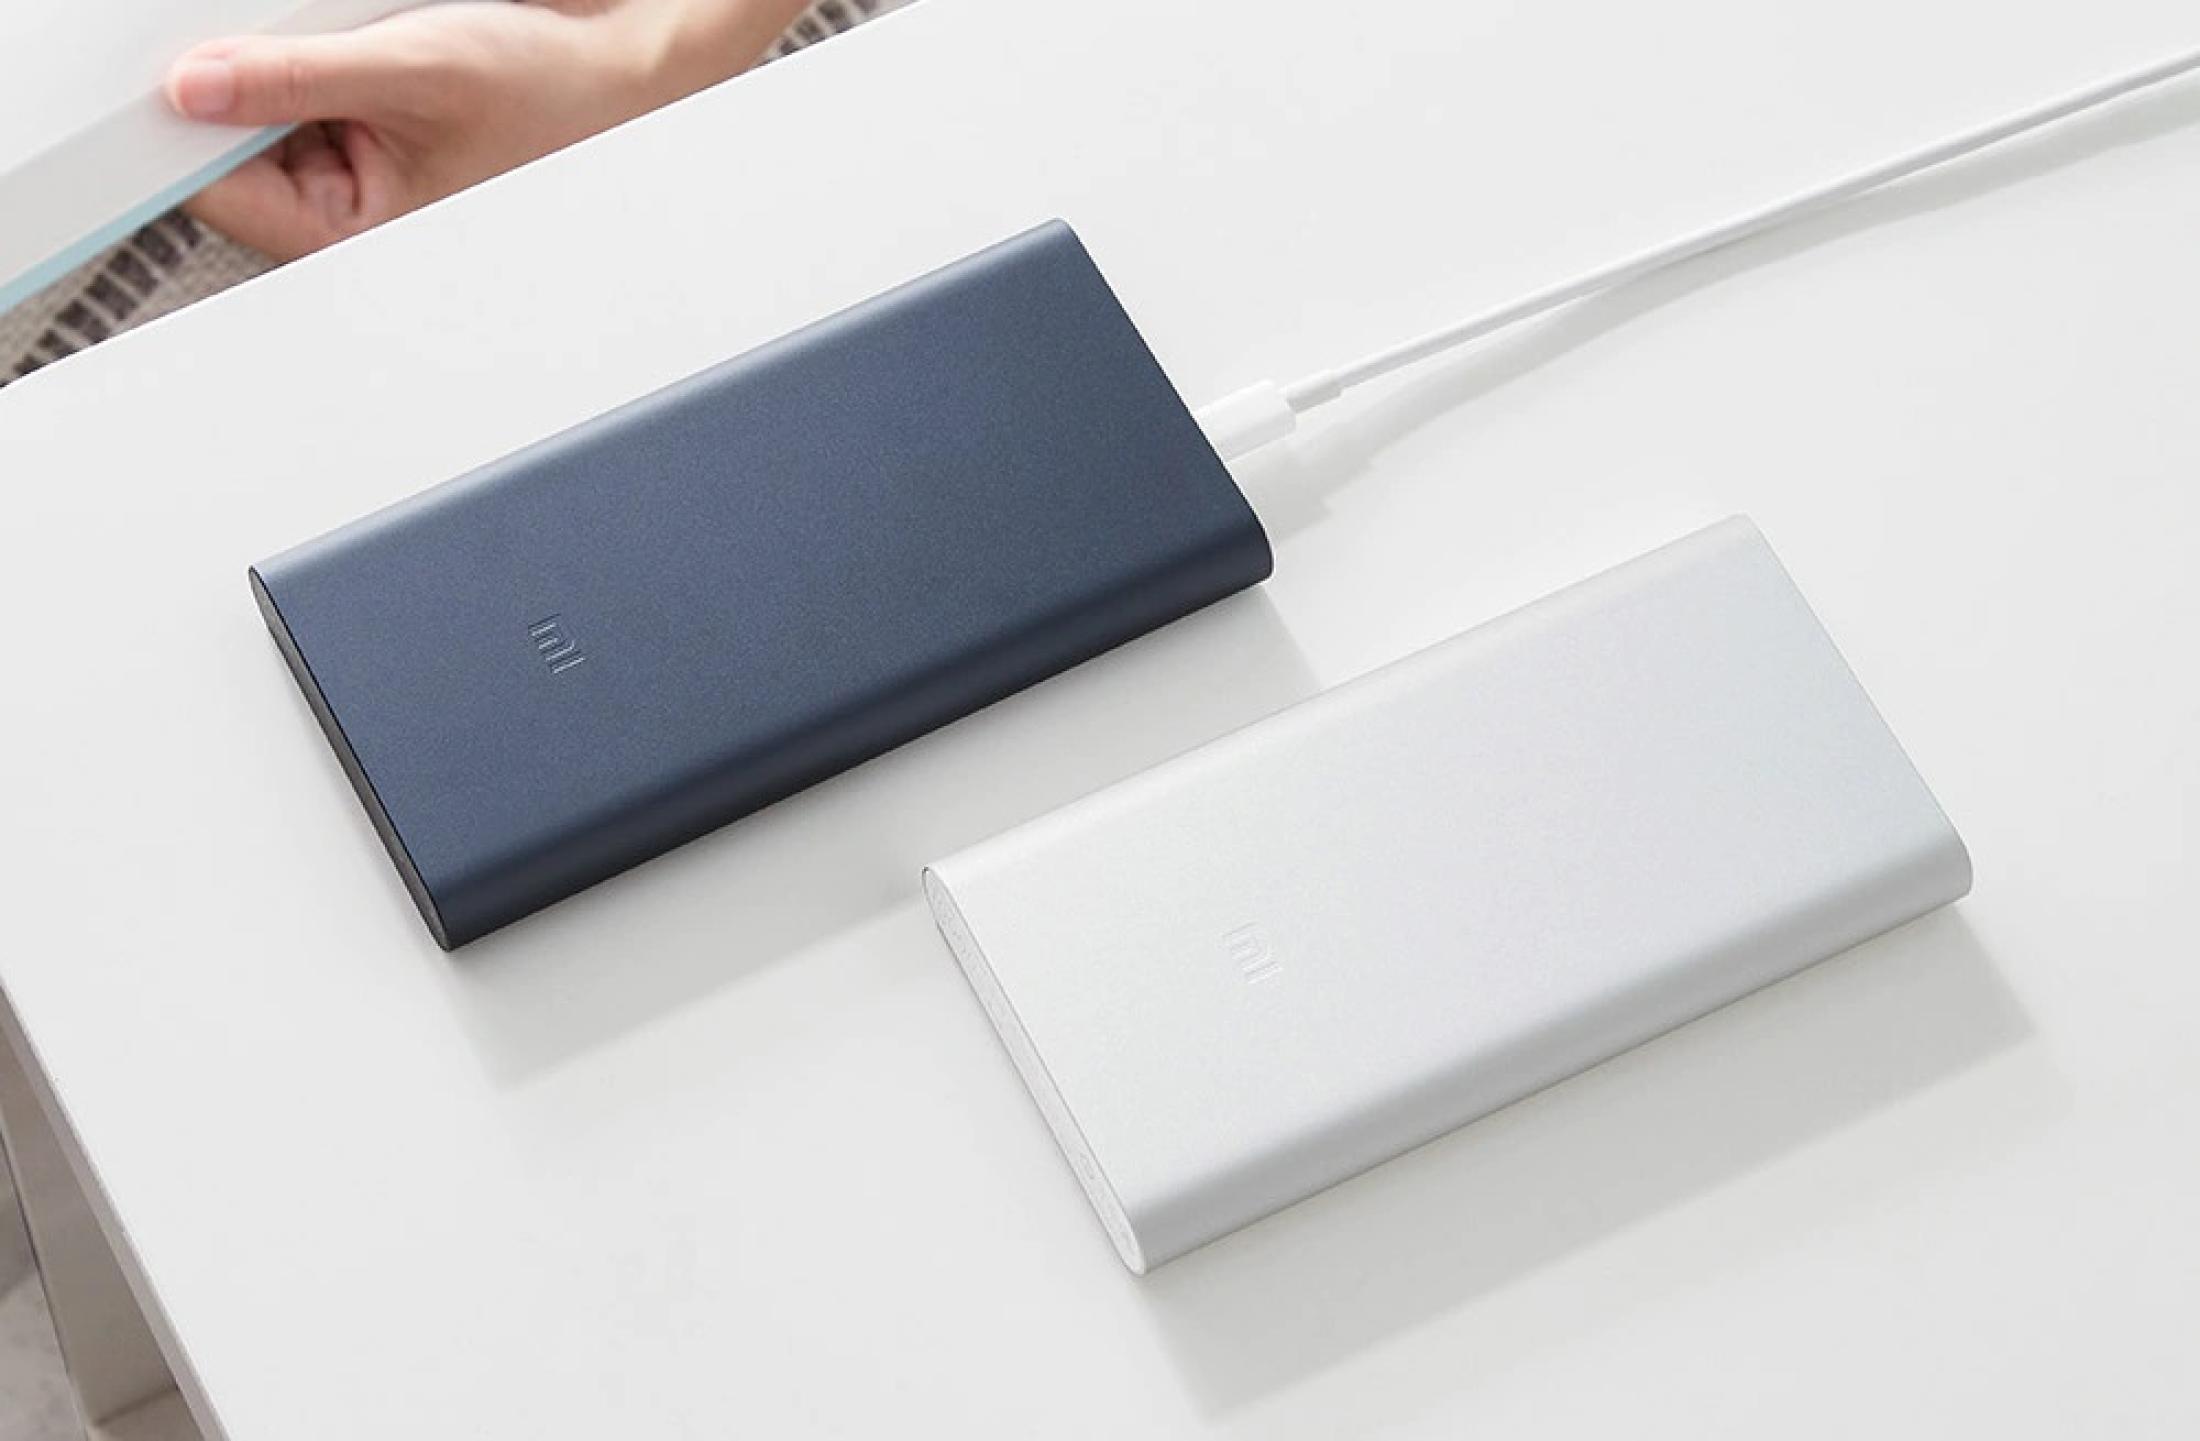 Xiaomi PowerBank PLM13ZM 8